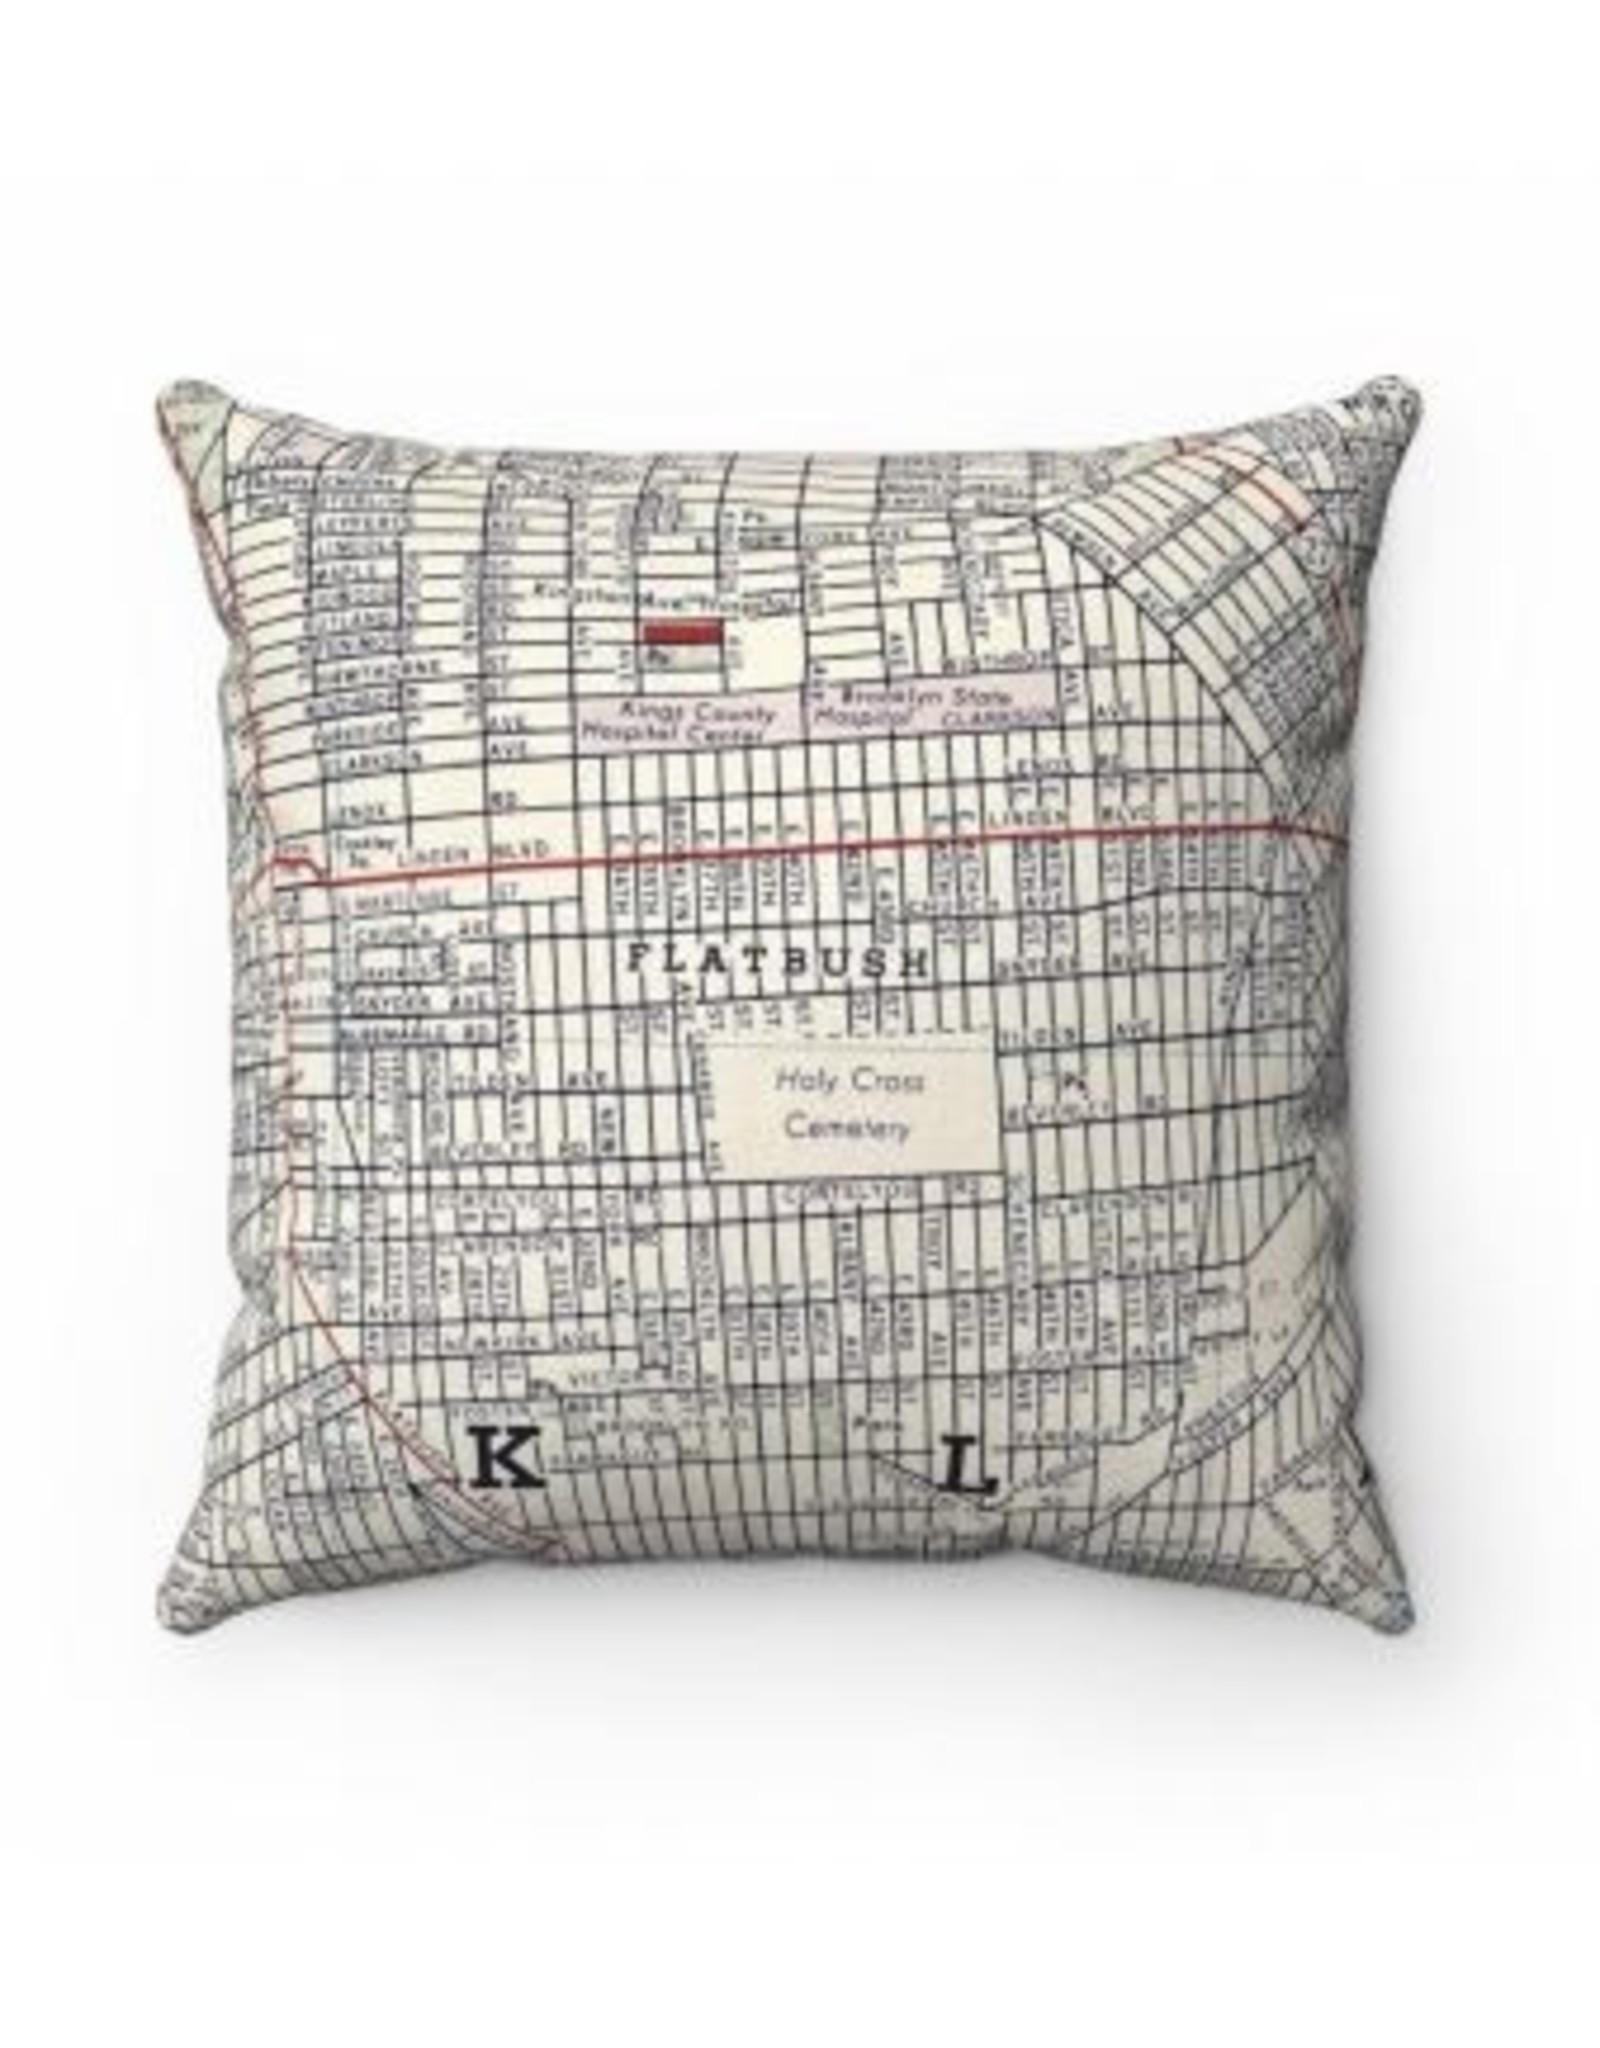 Daisy Mae Designs Brooklyn Pillow